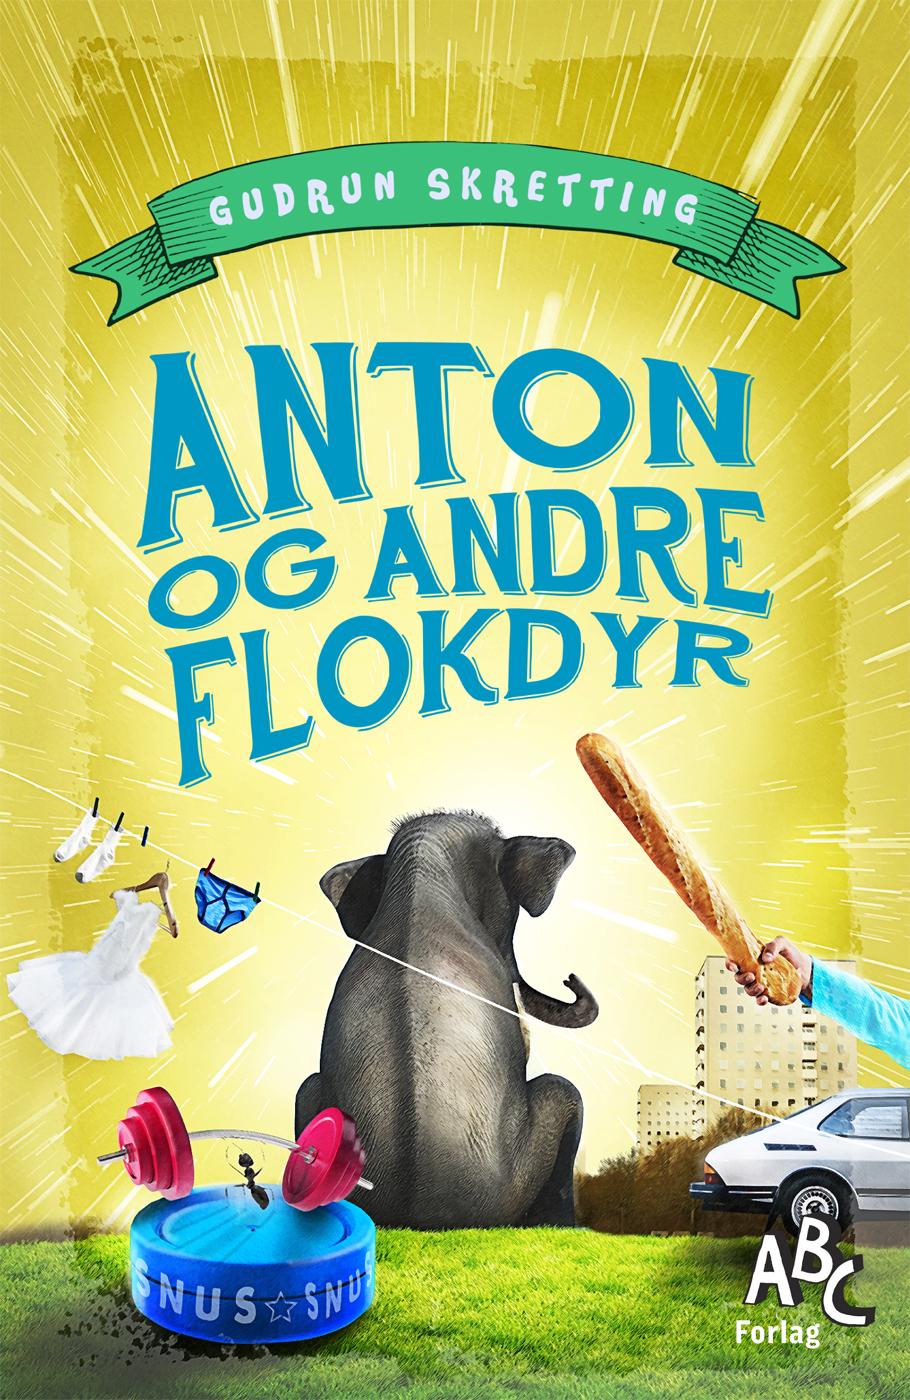 Anton og andre flokdyr - Maneno - 13137